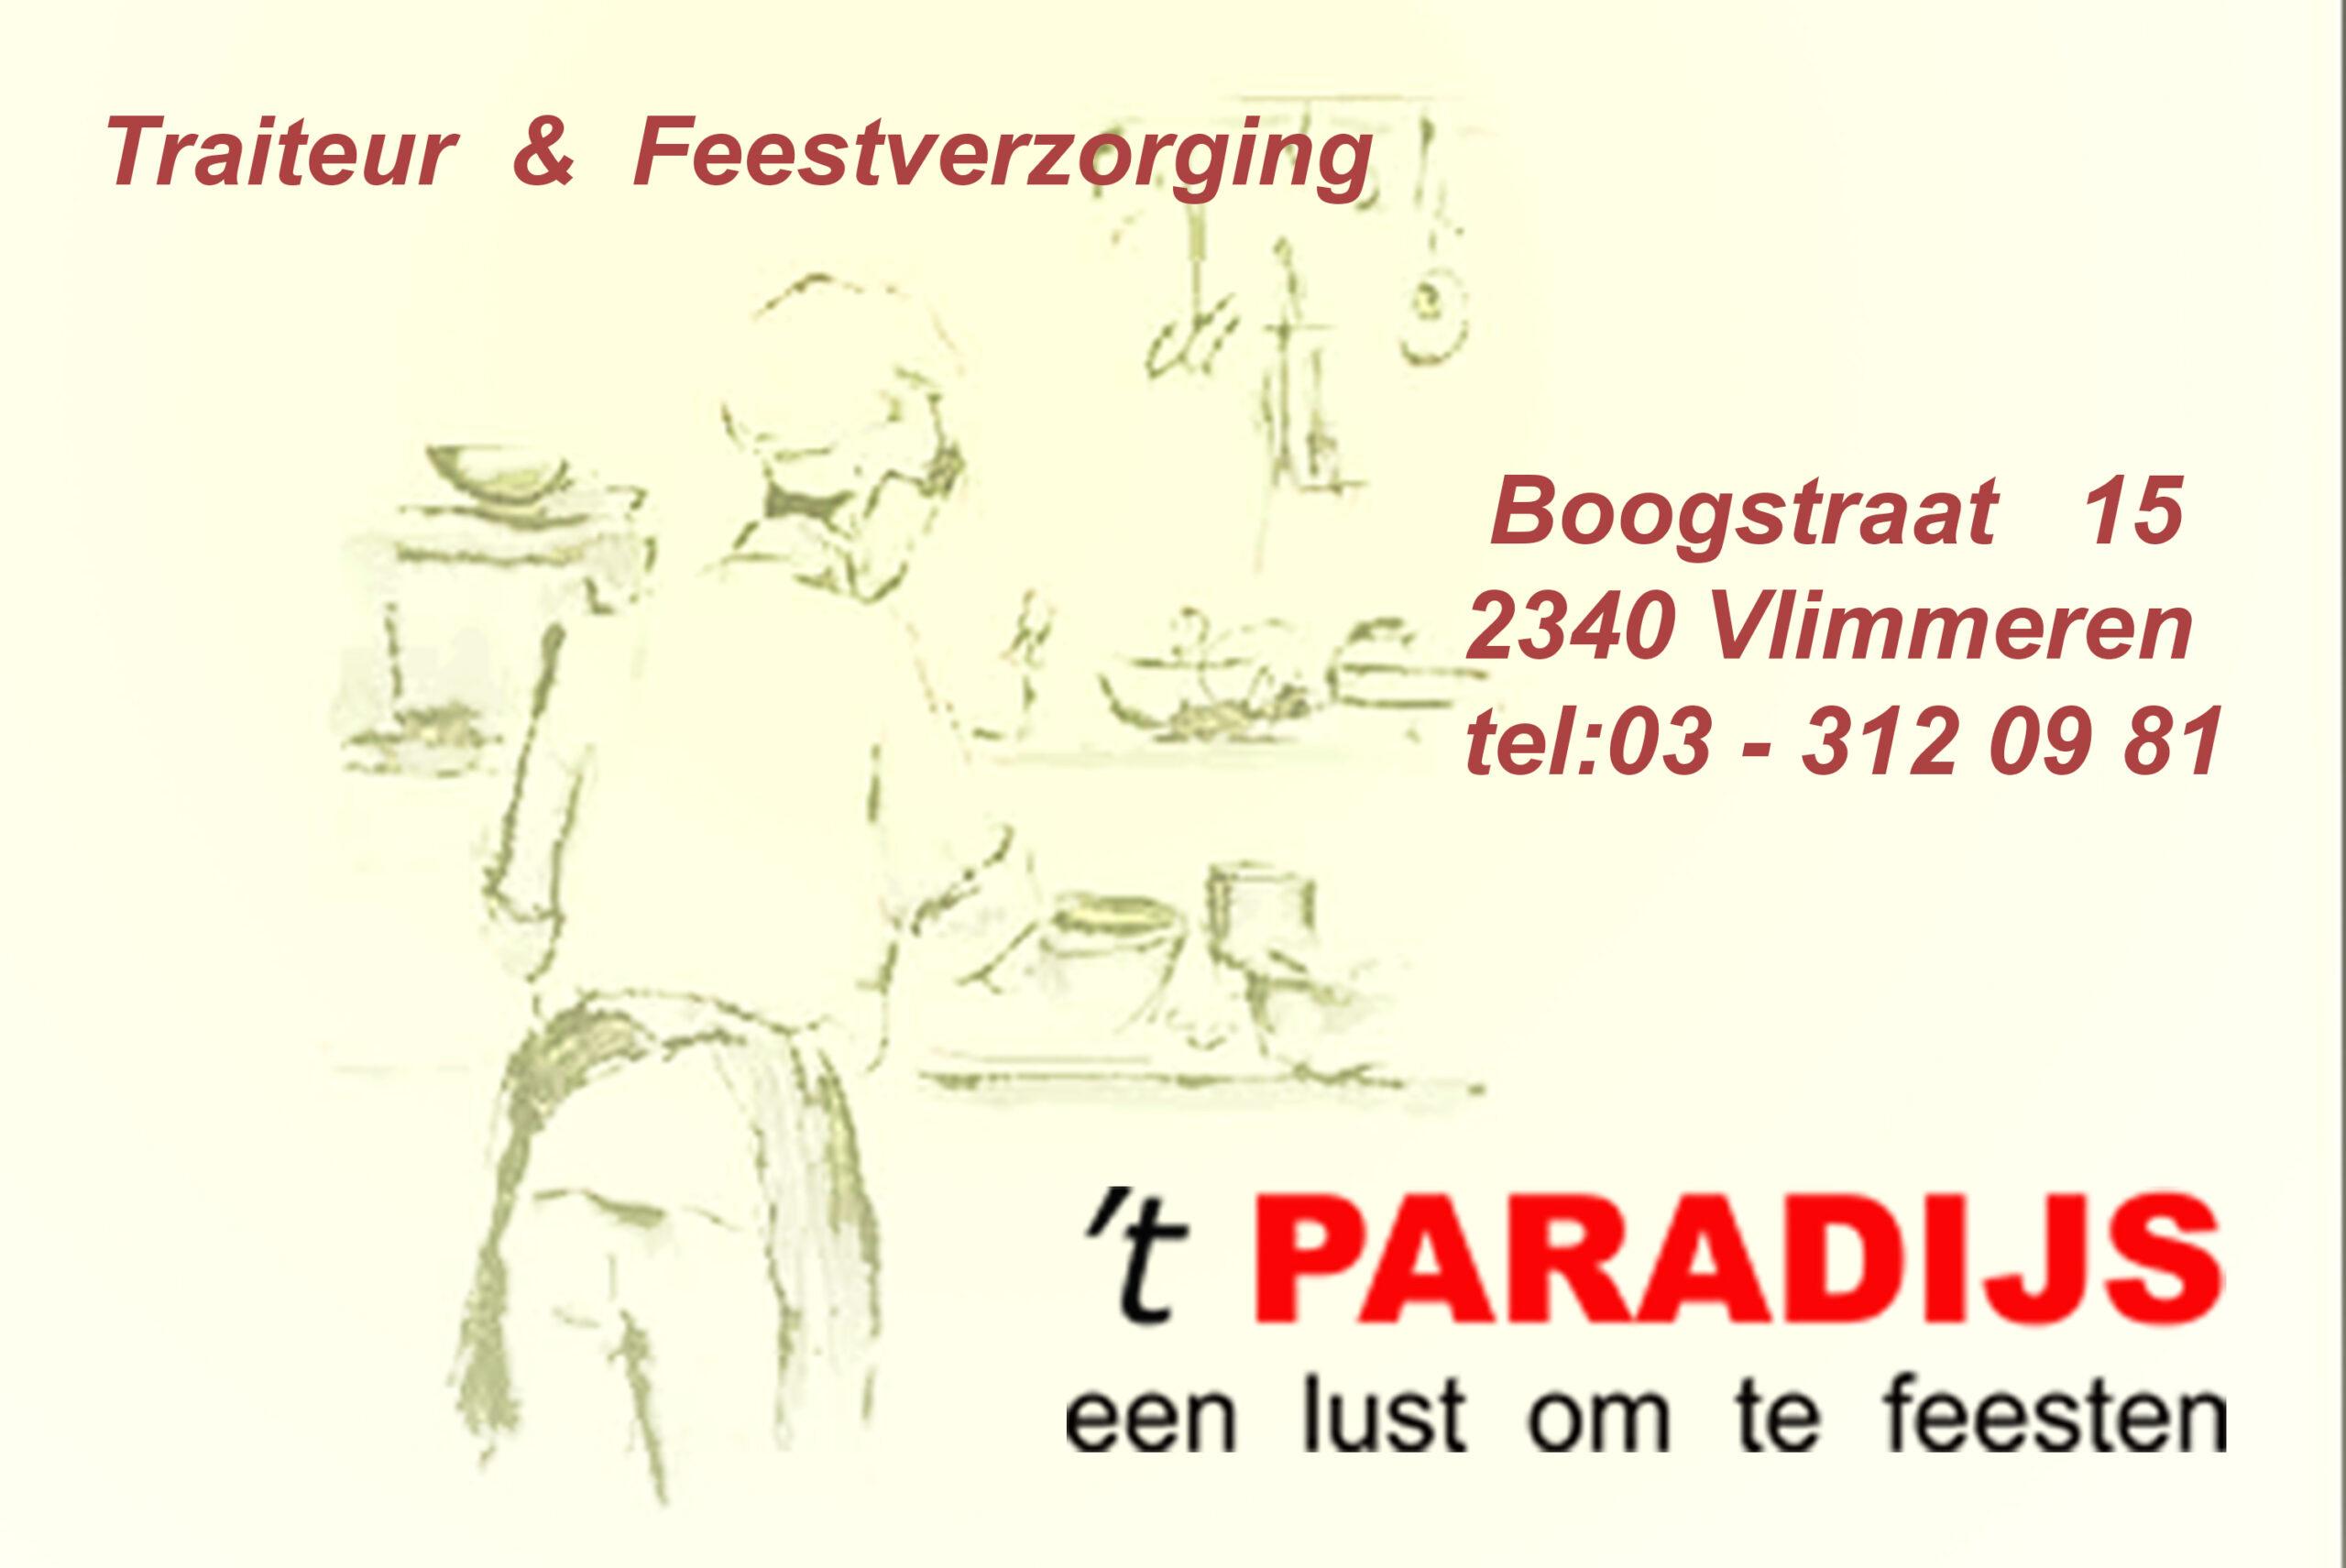 7) Paradijs